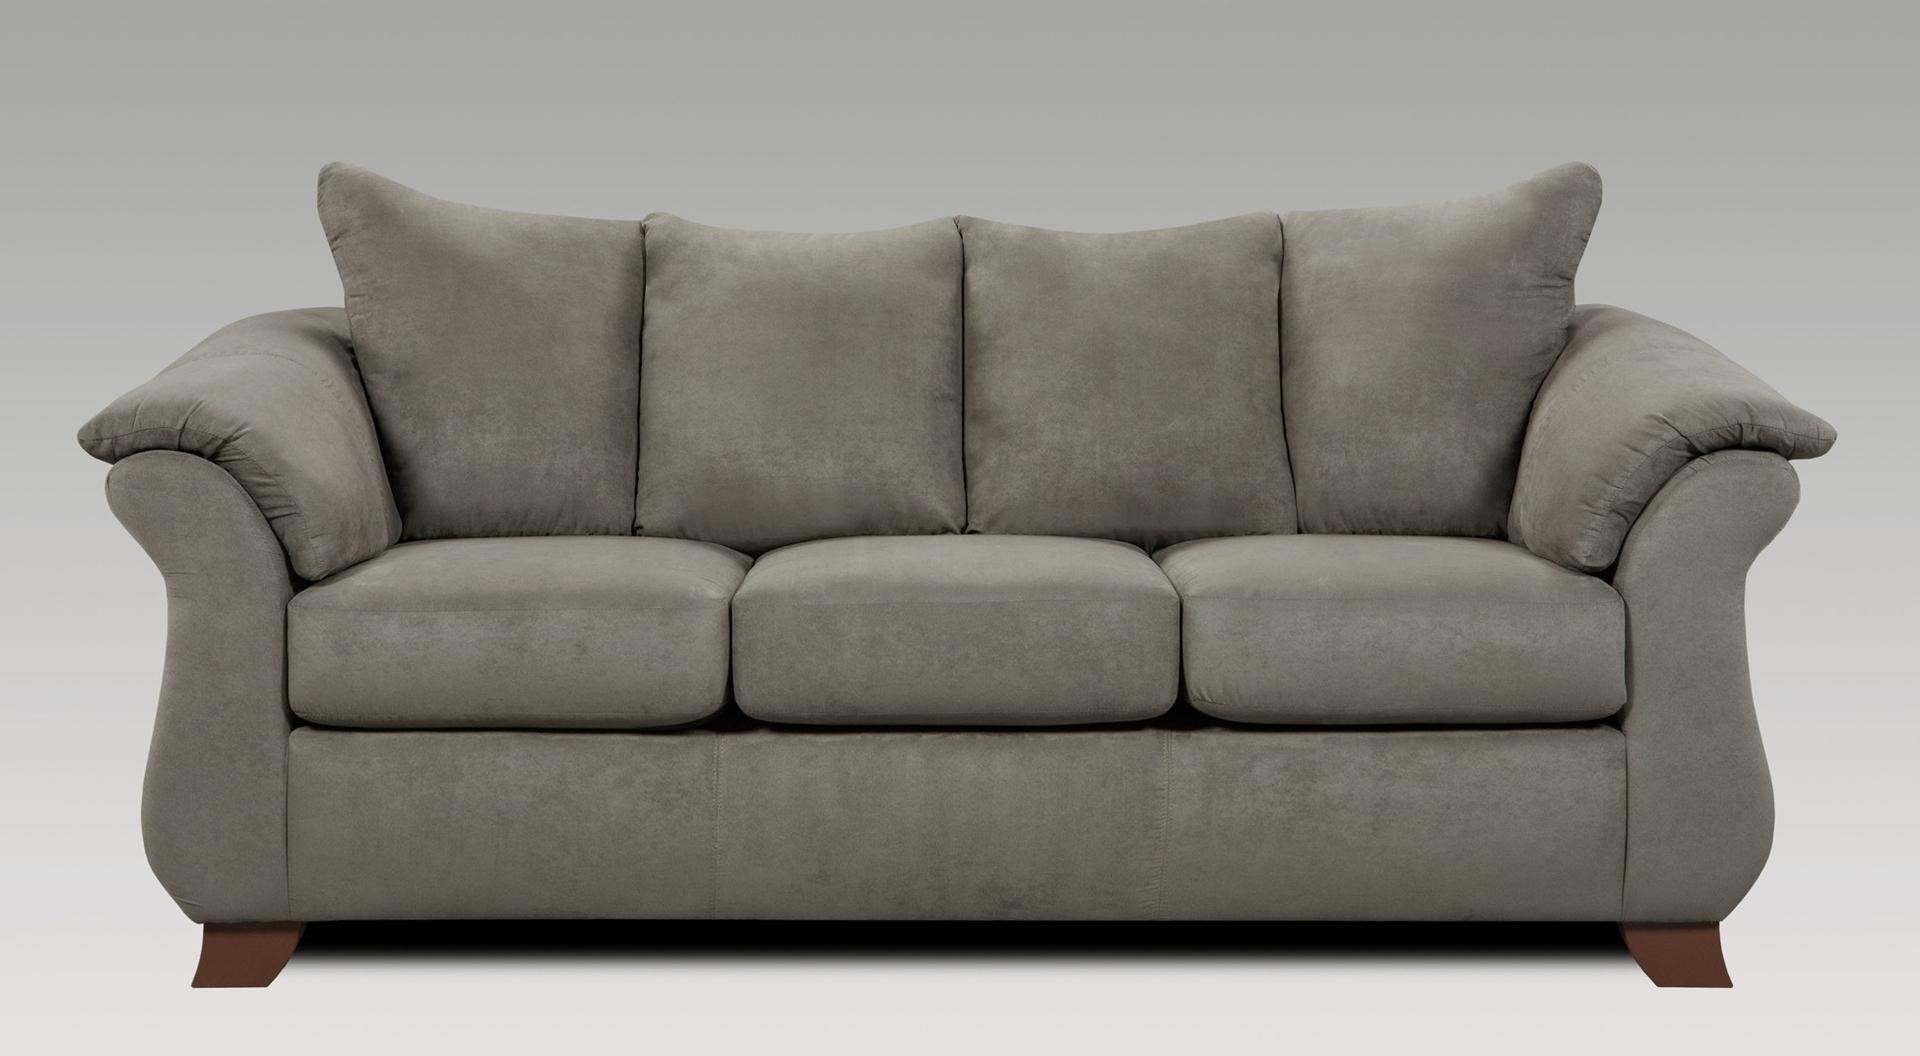 Sofas: Tuscaloosa, Al: Southeastern Furniture With Tuscaloosa Sectional Sofas (View 4 of 10)